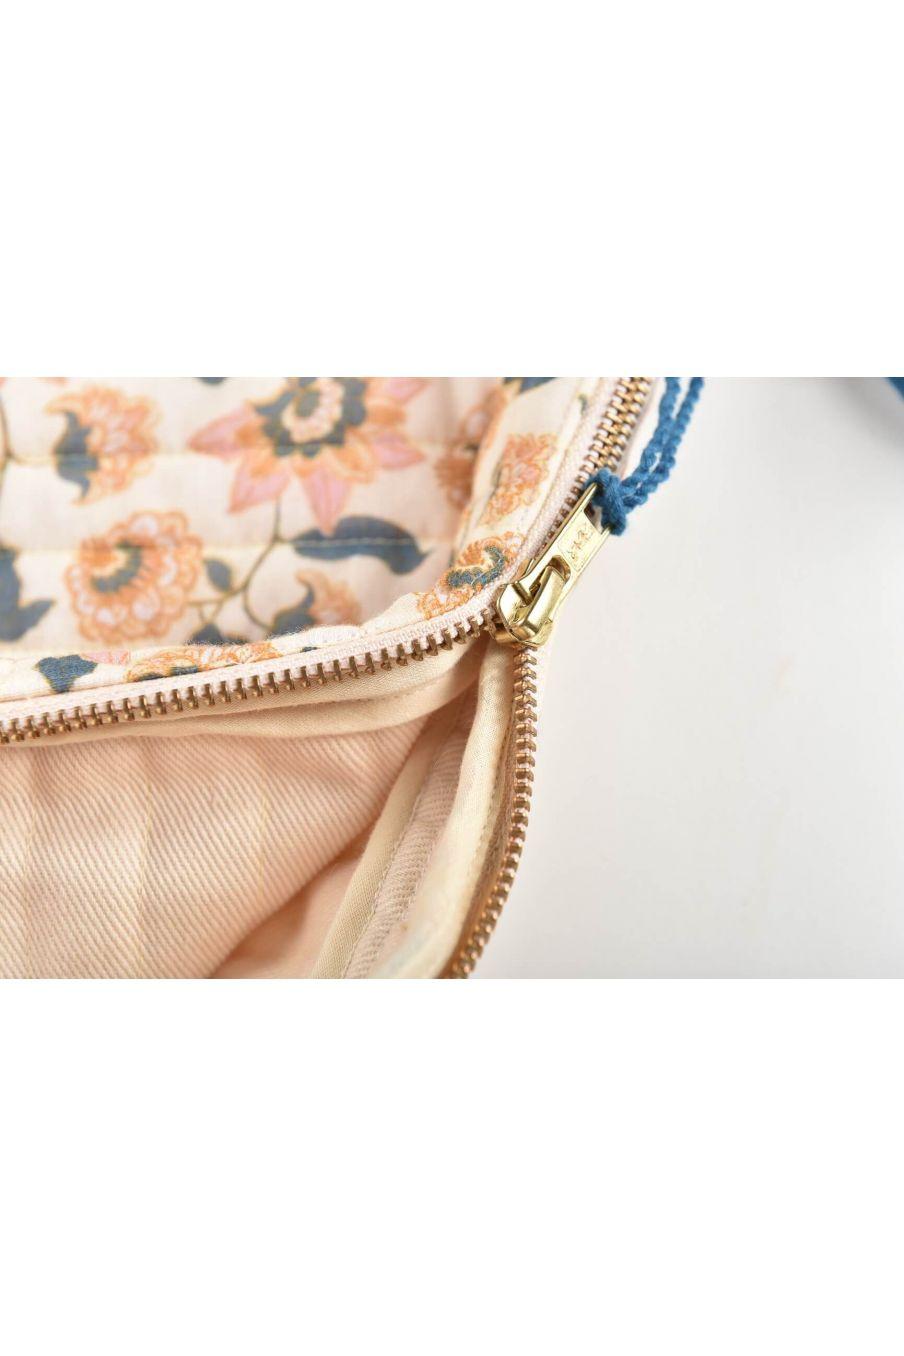 boheme chic vintage housse d'ordinateur femme hoa cream flowers